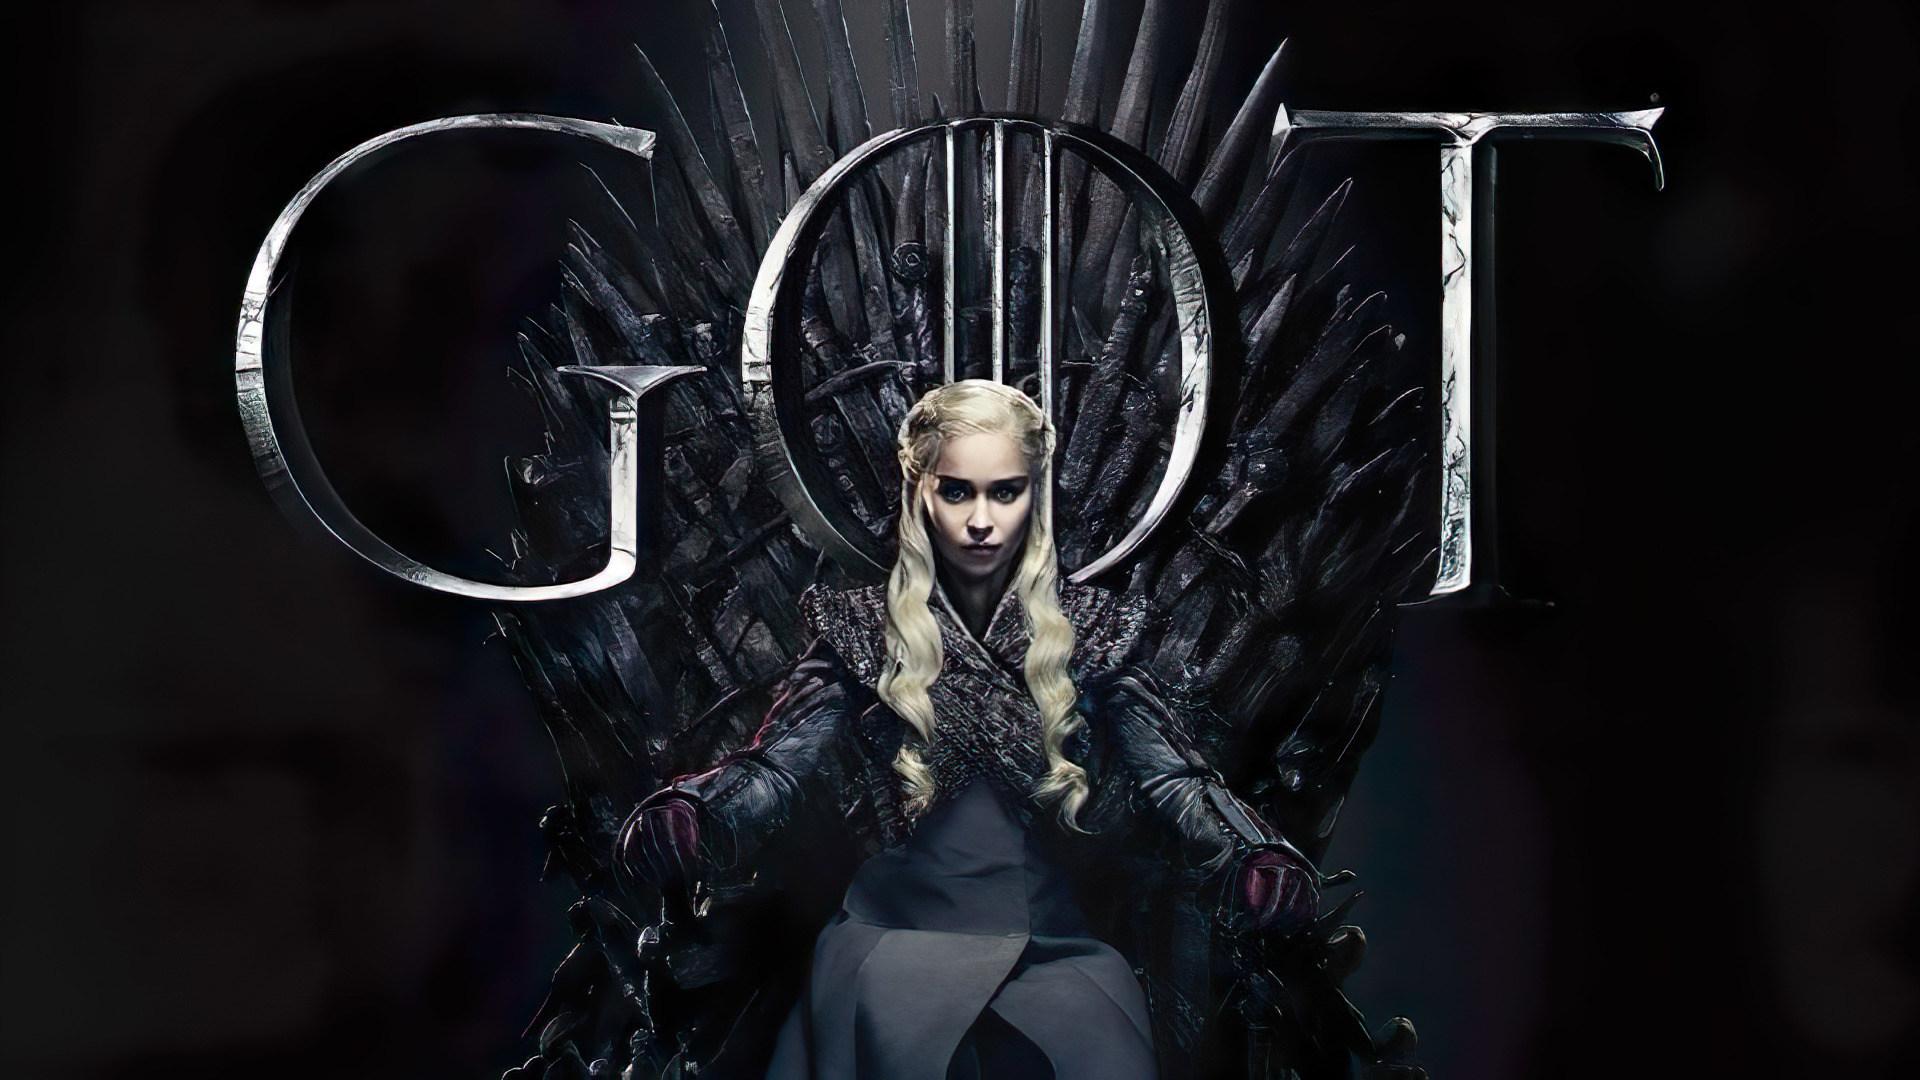 TV-Serie, HBO, Game of Thrones, GoT, Daenerys Targaryen